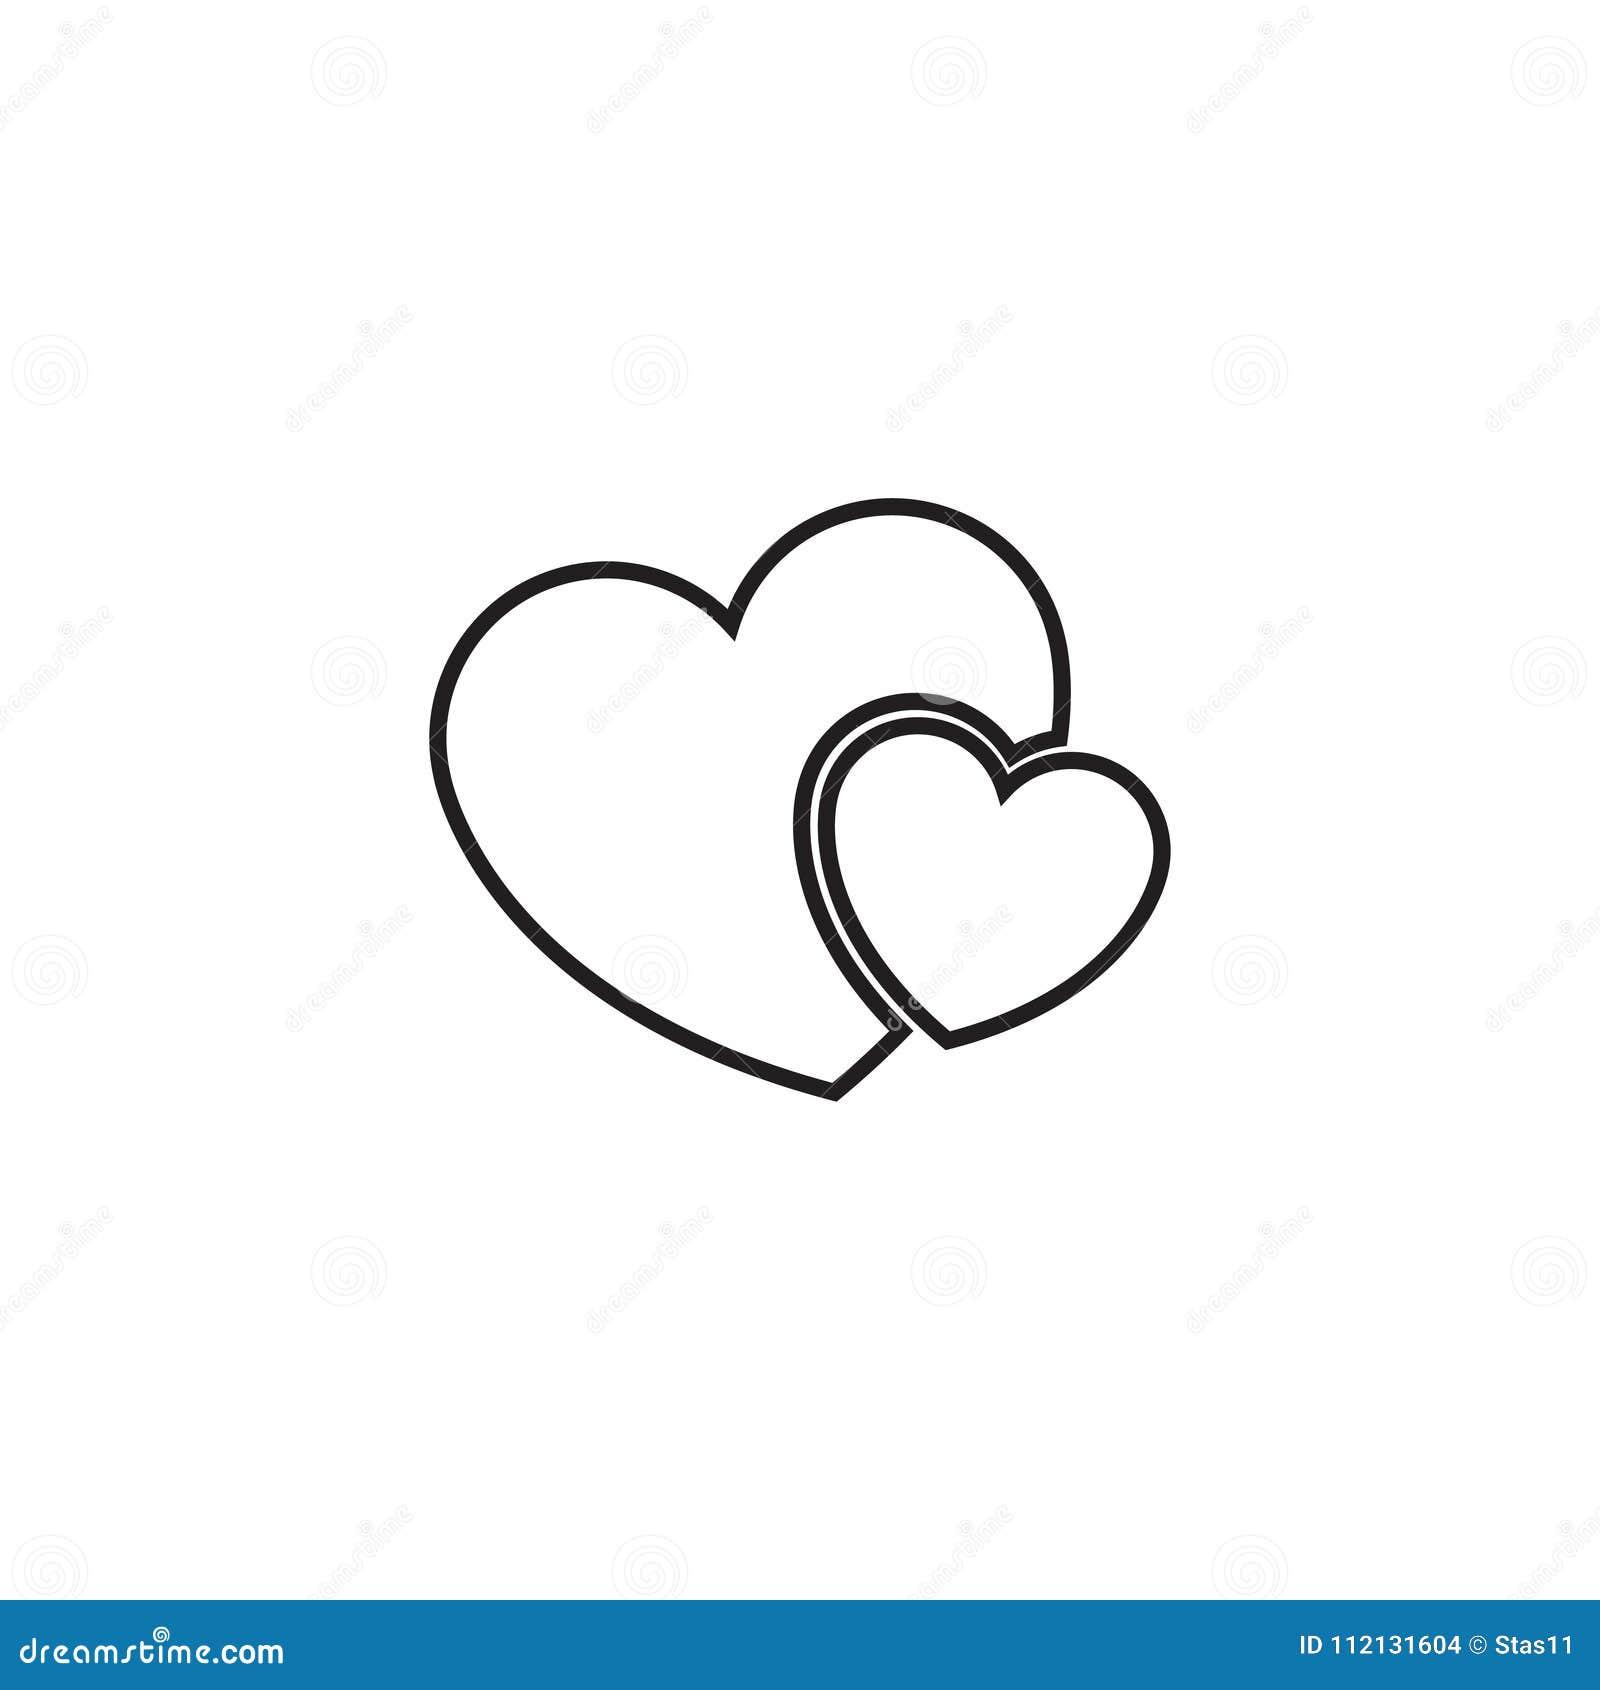 Linha de dois corações ícone - vector o símbolo do coração ou o sinal simples do amor Elemento linear do logotipo para o casament